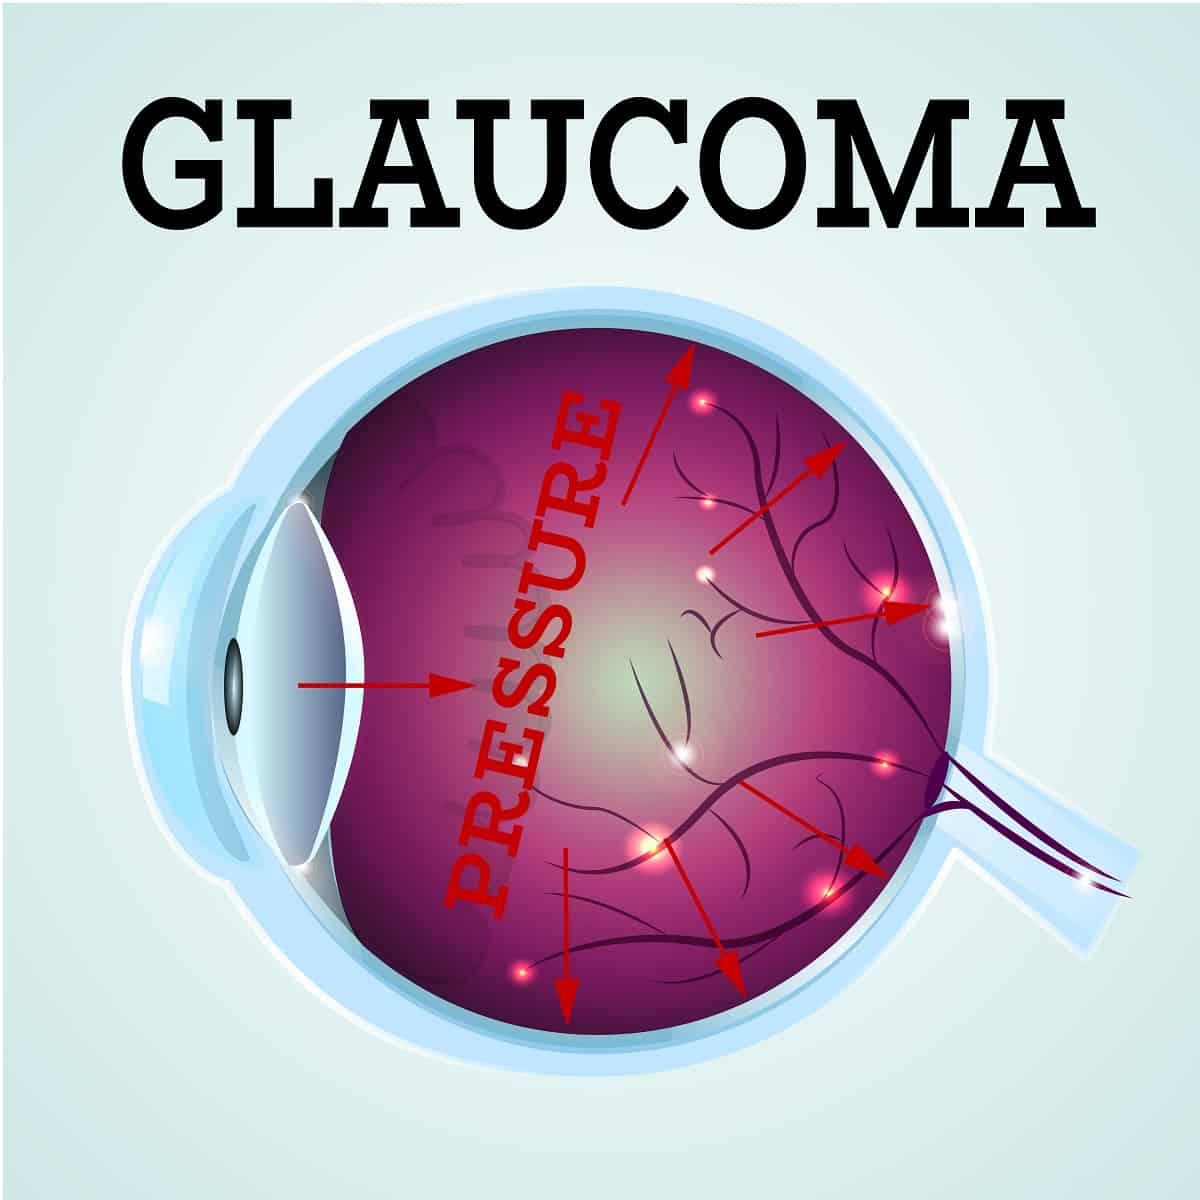 Glaucoma detection Scottsdale & Glendale